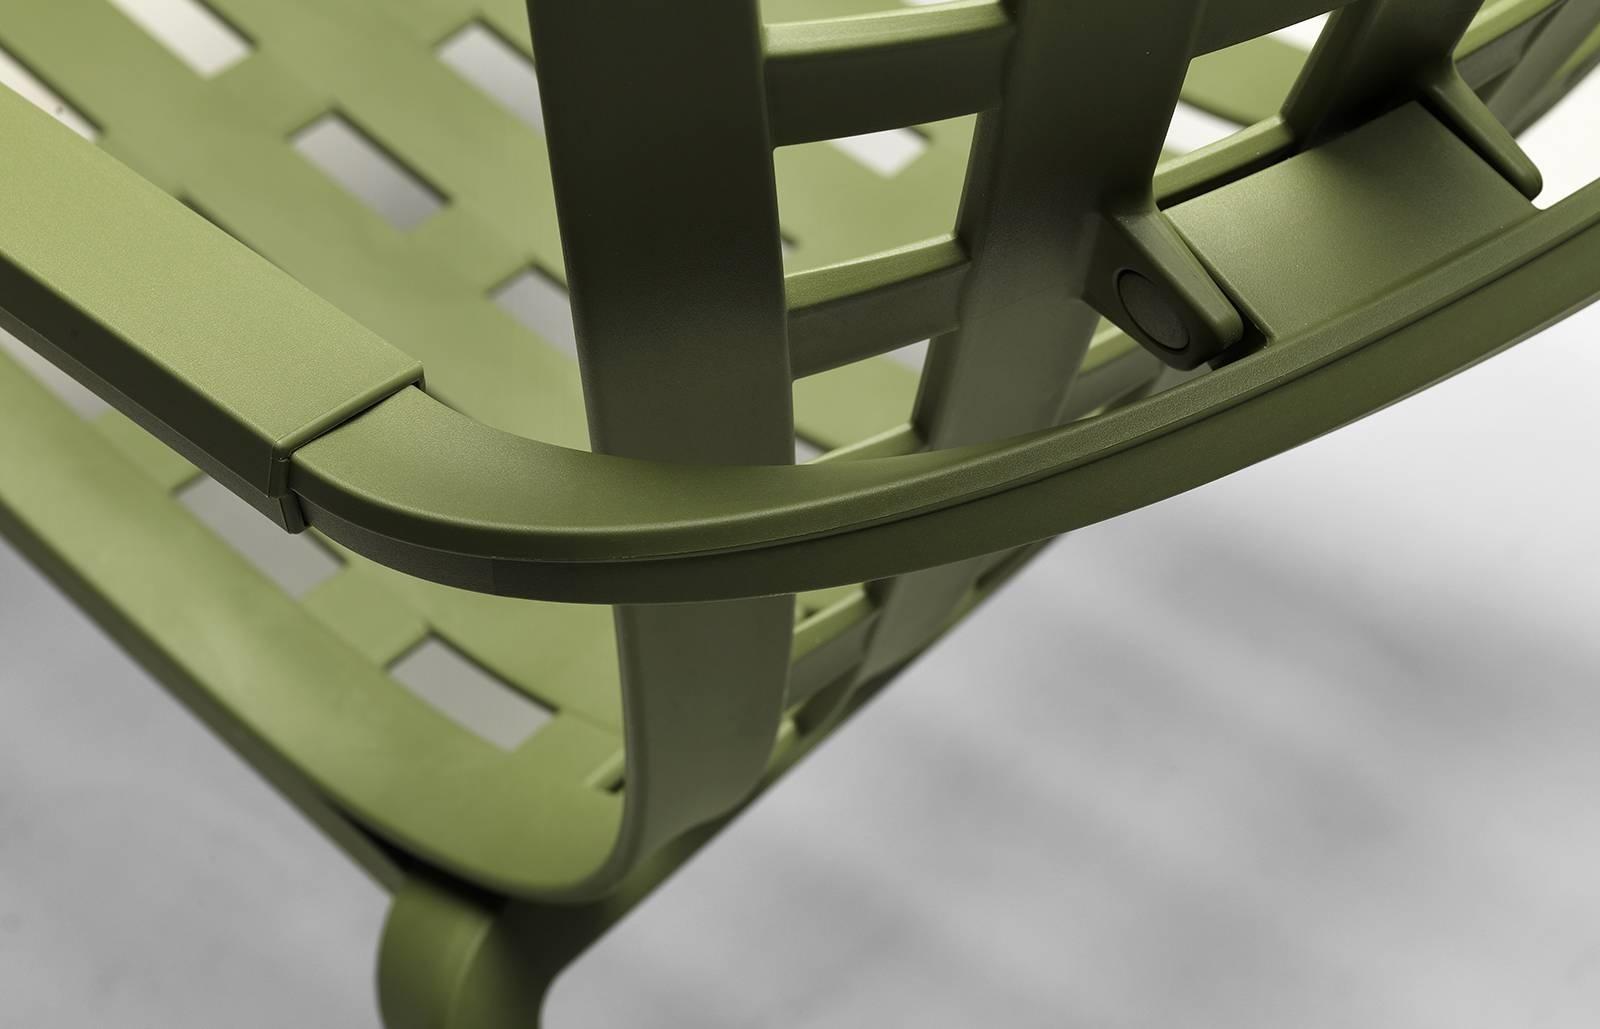 Fotel bujany z podłokietnikami Folio zie lony - zdjęcie nr 7